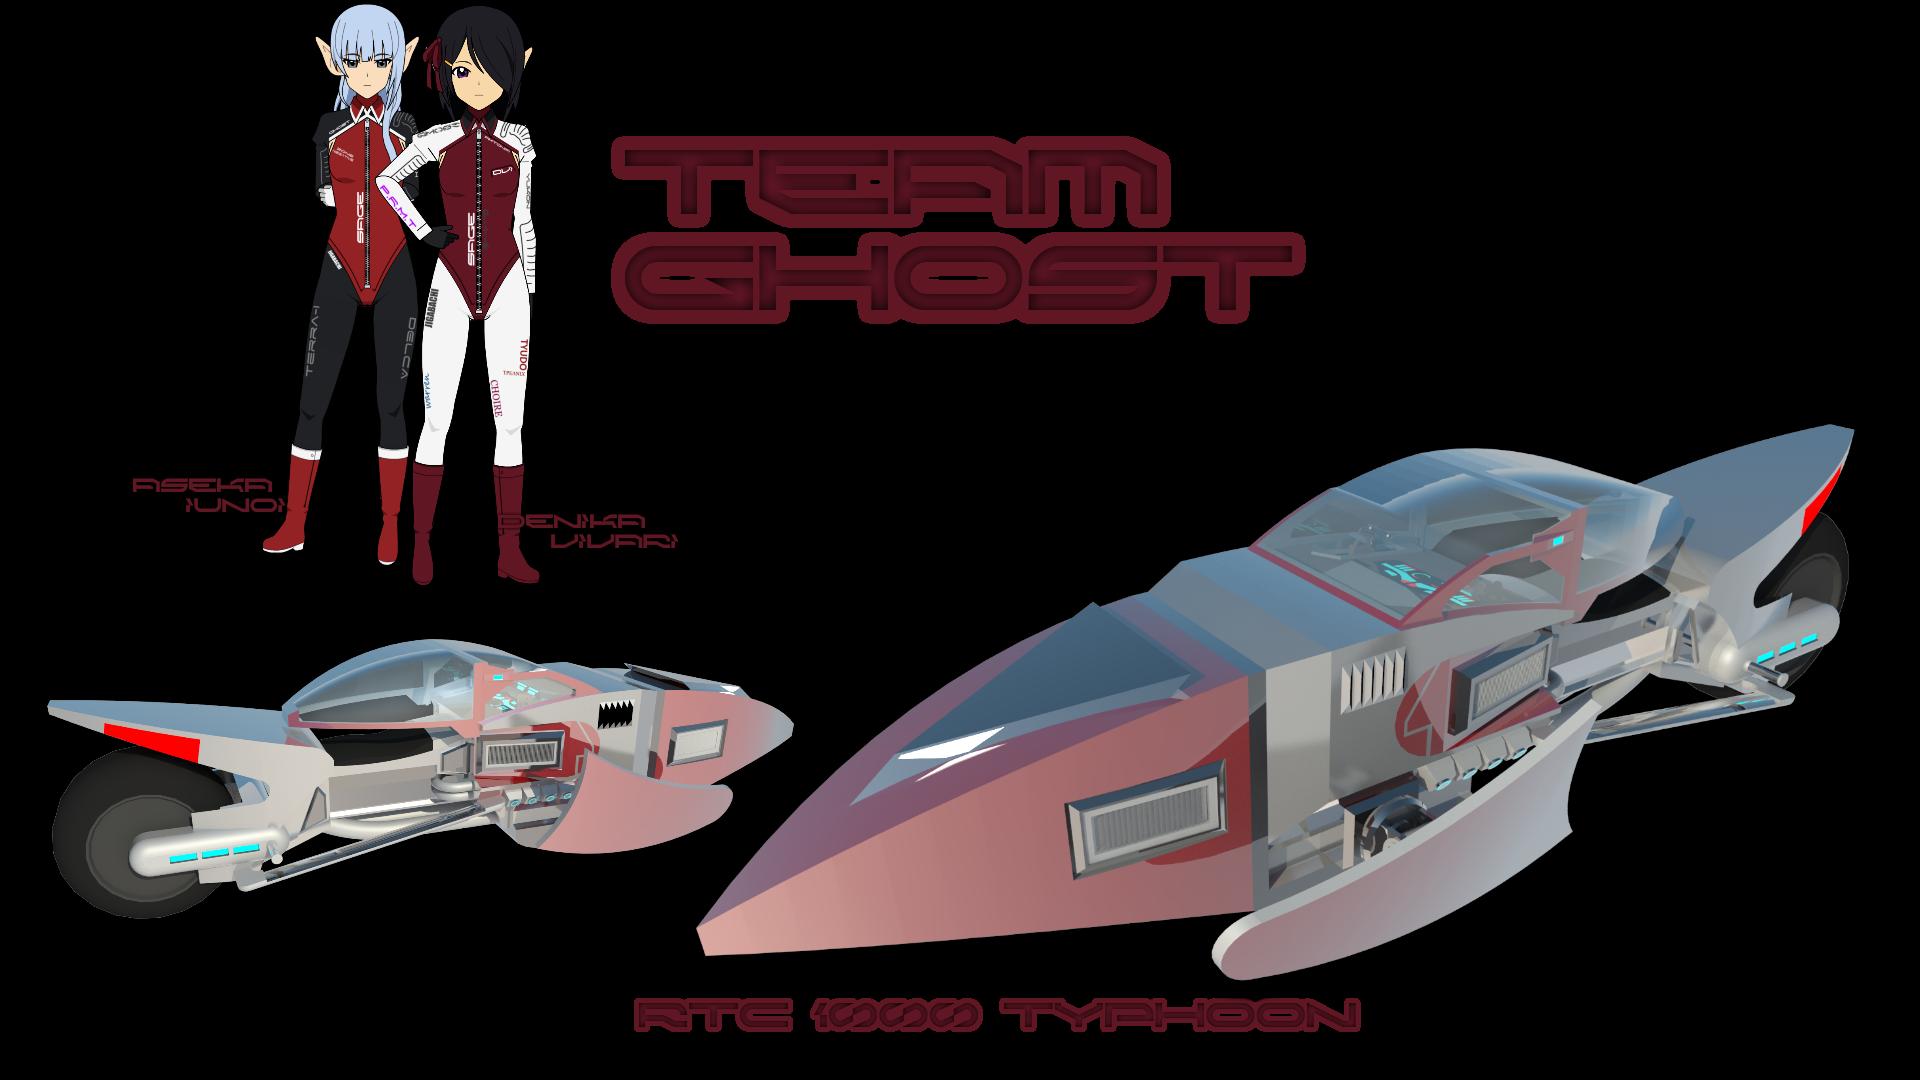 Team Ghost by Gwentari